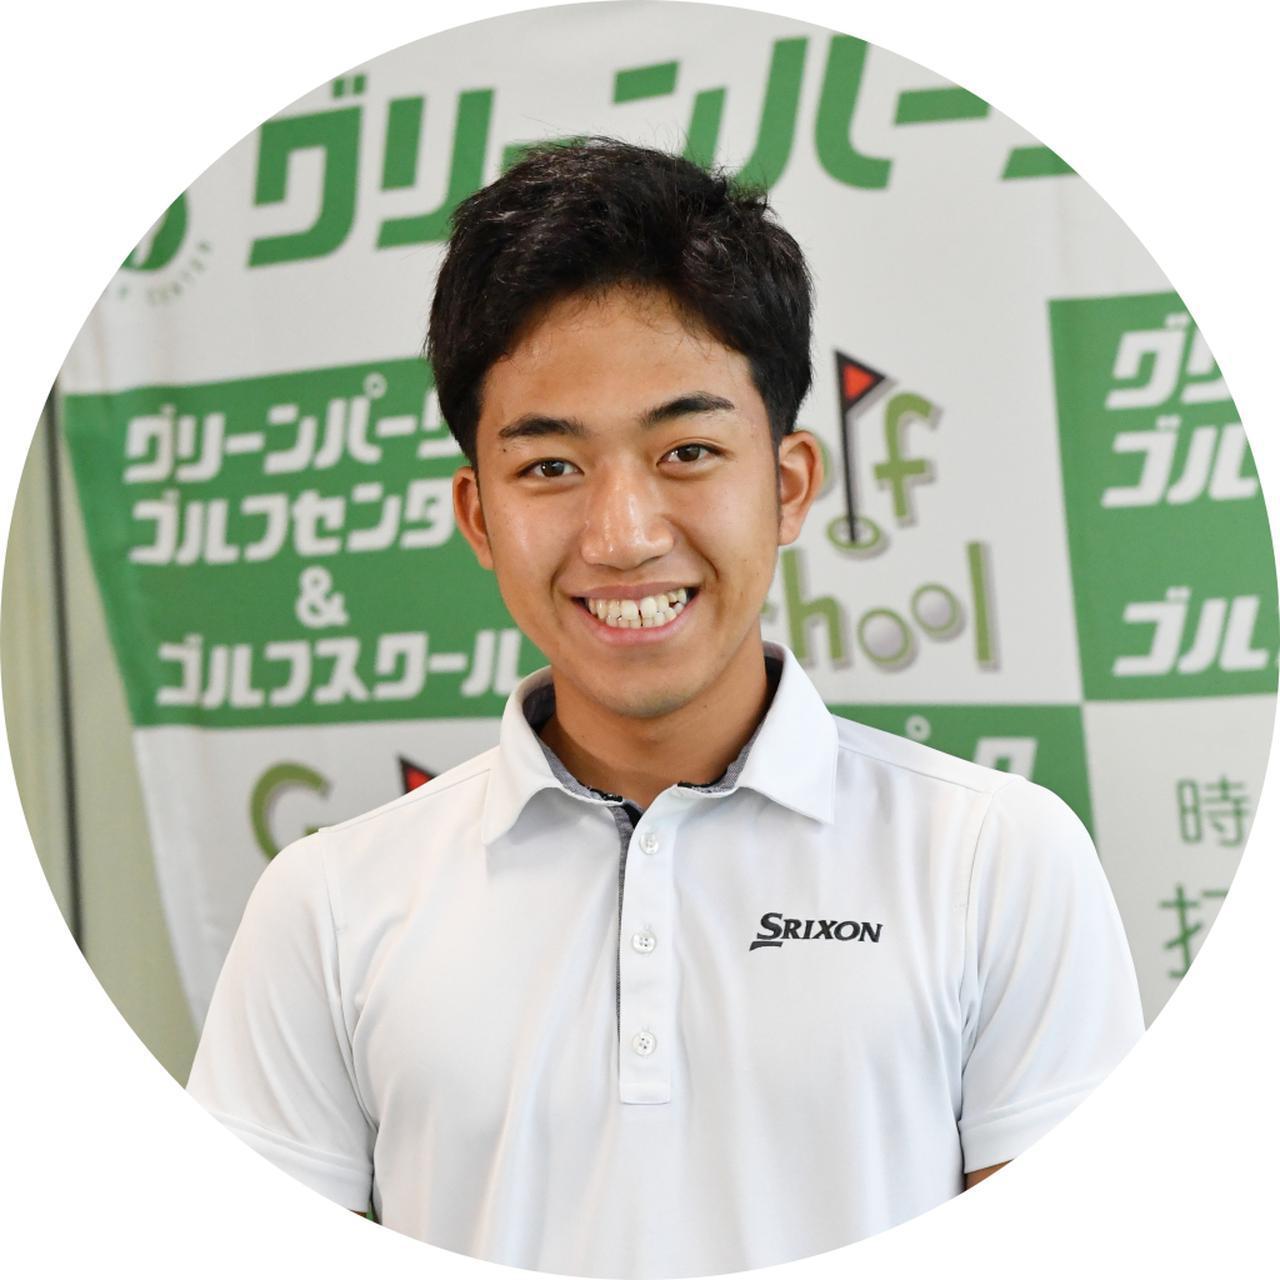 画像: 【教わる人】岡田圭太さん 18歳/ゴルフ歴10年 HC+1.5/172㎝